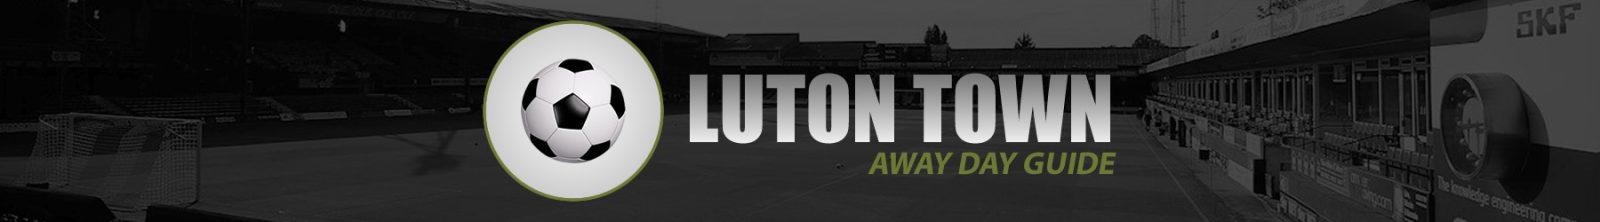 Luton Town Away